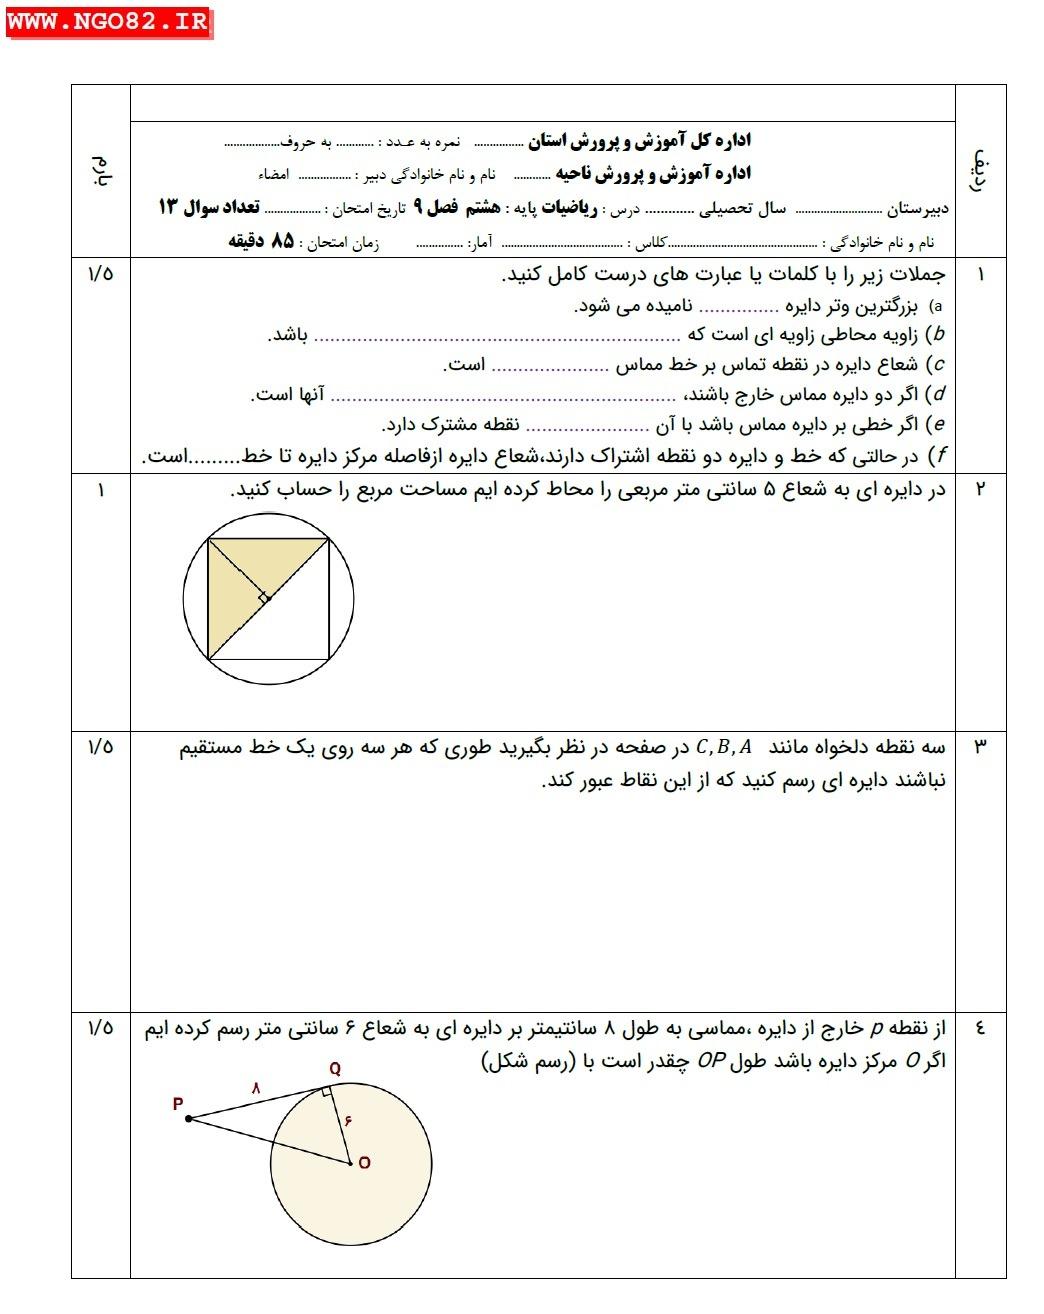 آزمون ریاضی هشتم فصل 9 با جواب تشریحی 2